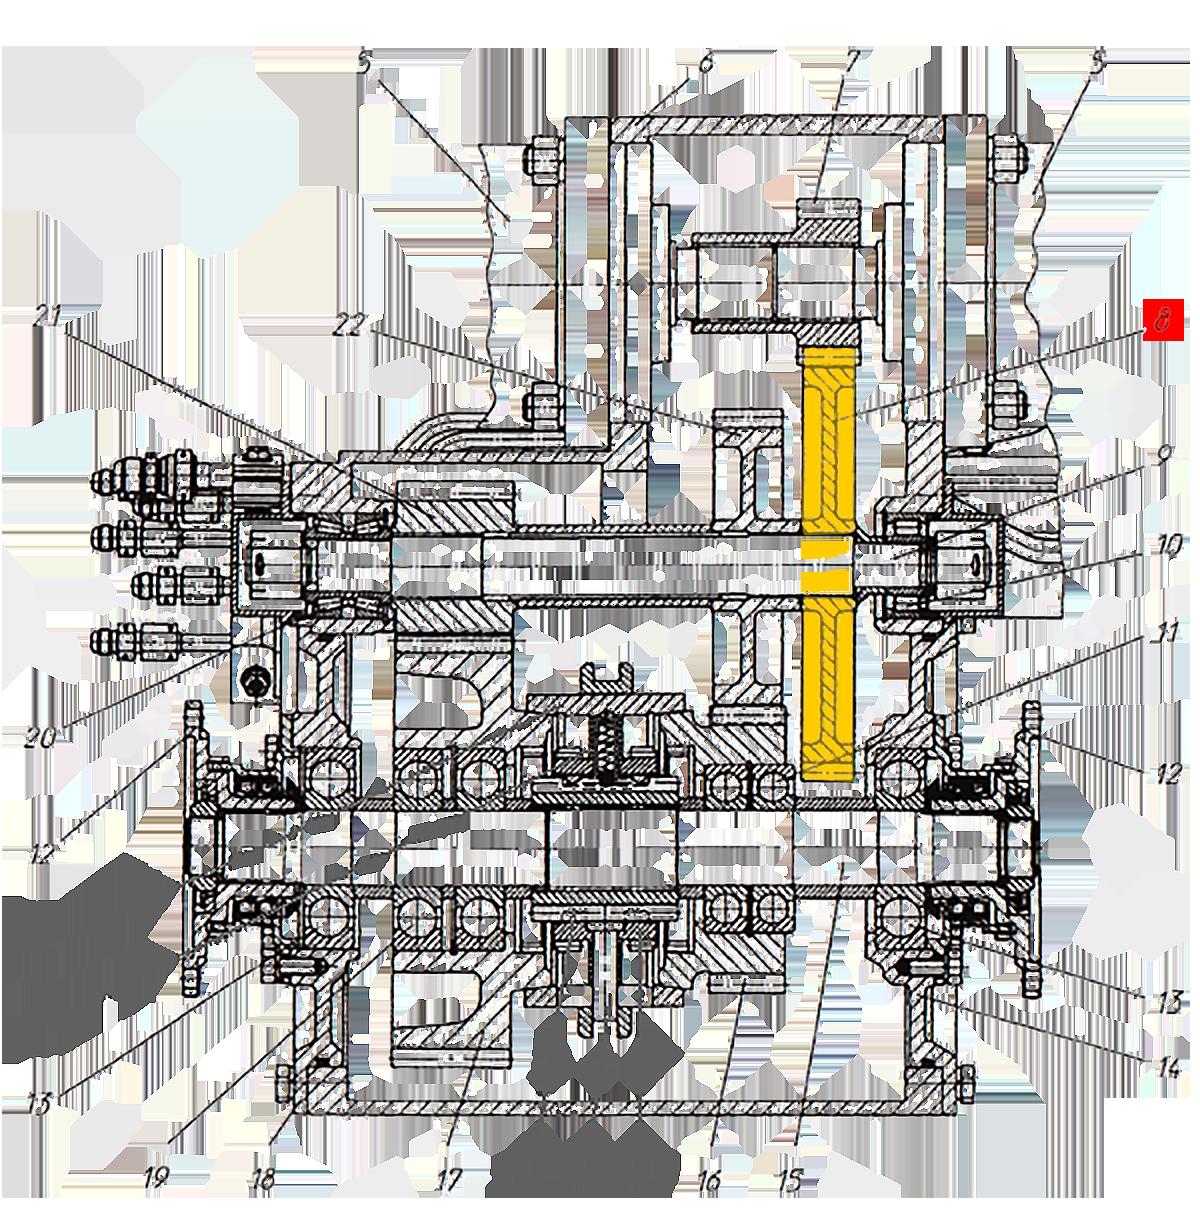 Шестерня Э20.01.02.081 коробки передач ЭО-33211